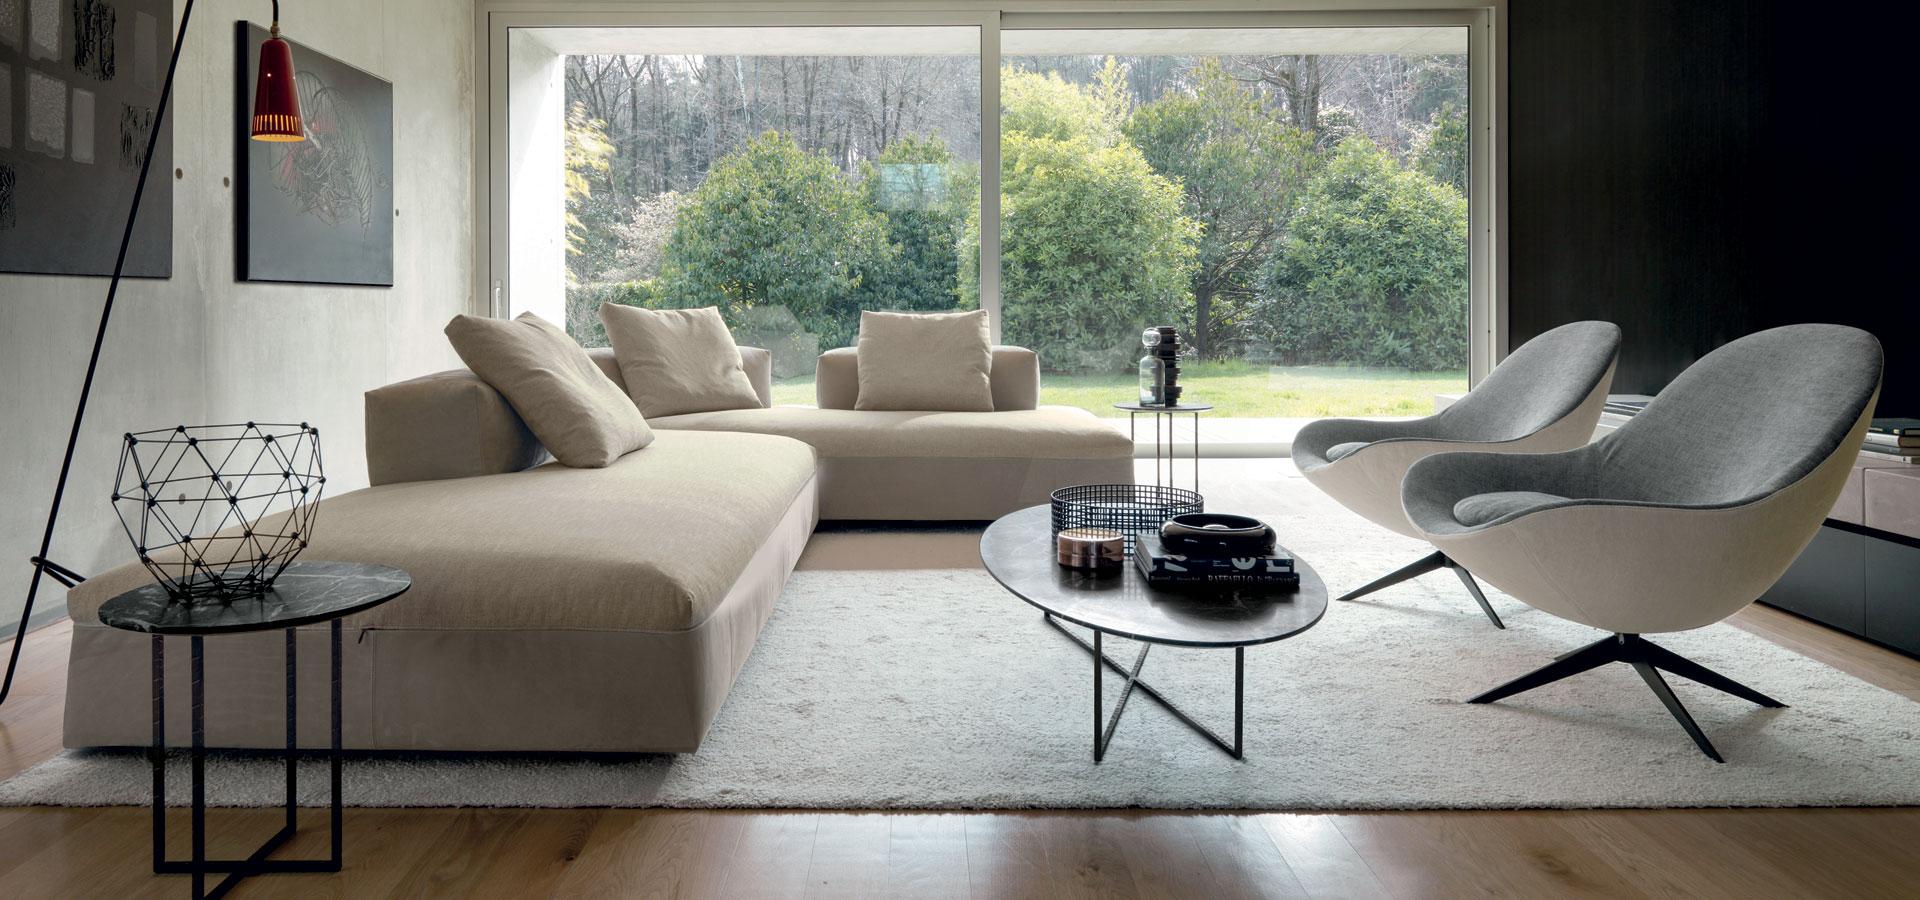 Scopri tutte i divani e i divani letto in vendita presso lo showroom di pioda arredamenti a vertemate con minoprio (como) Simonetta Arreda I Nostri Divani E Poltrone Di Design